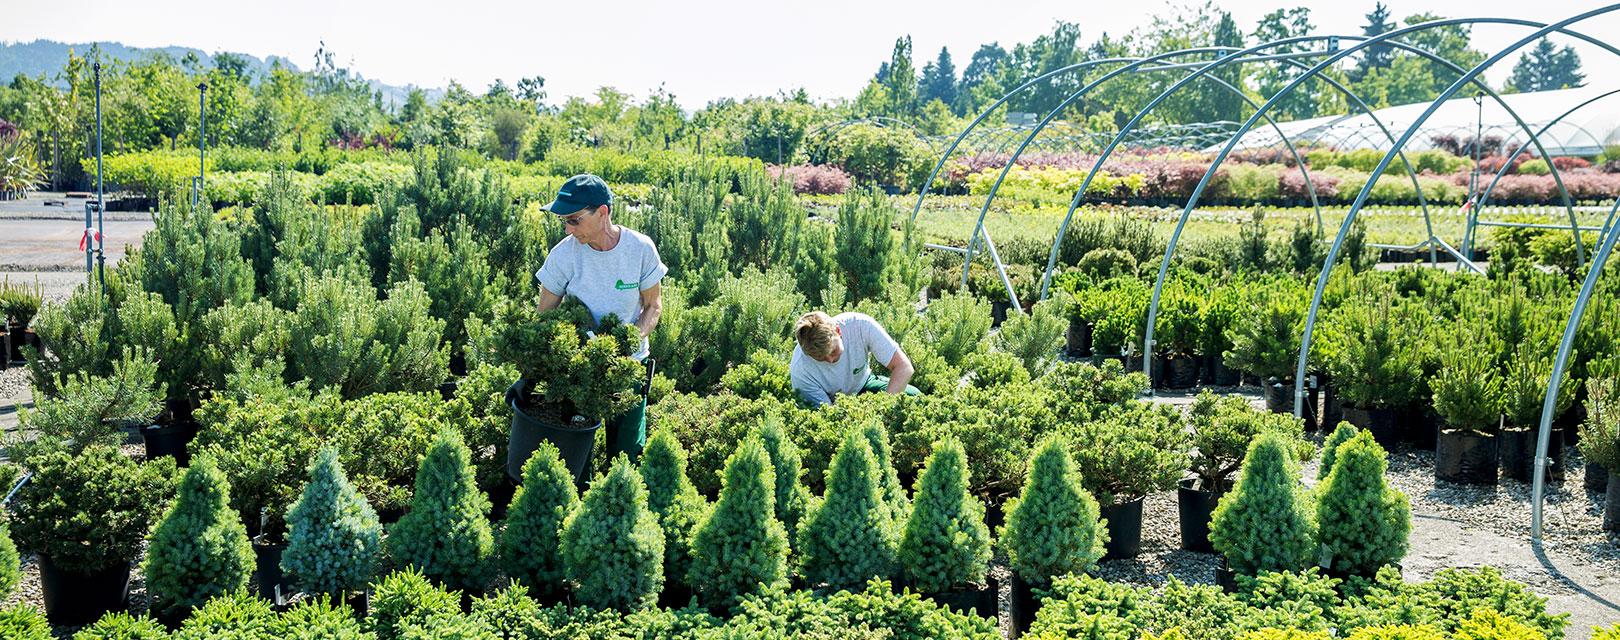 Sortiment bernhard baumschulen seit 1870 for Pflanzen lieferservice